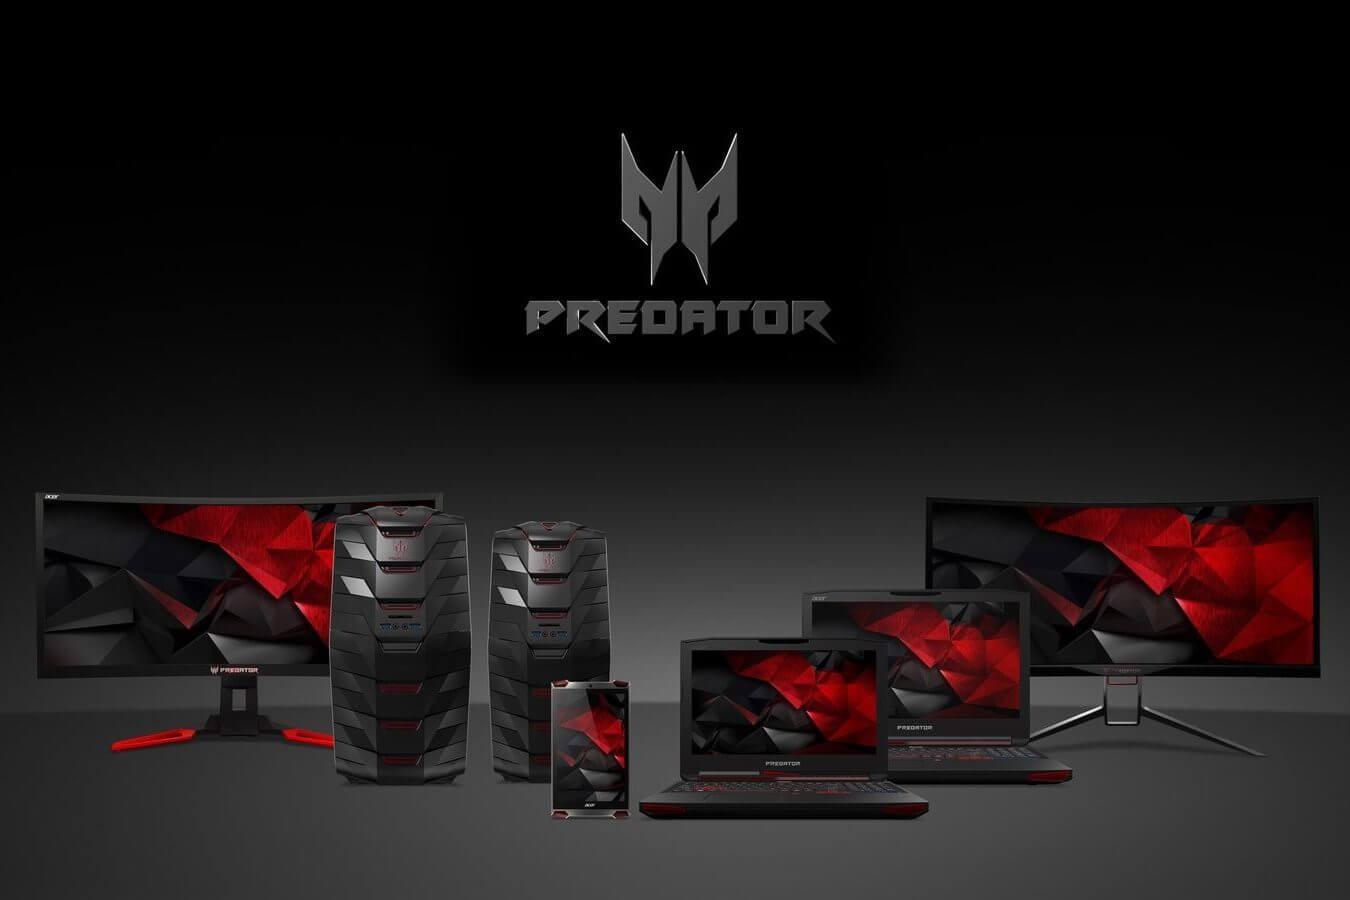 Acer apresenta nova linha de notebooks e monitores gamer